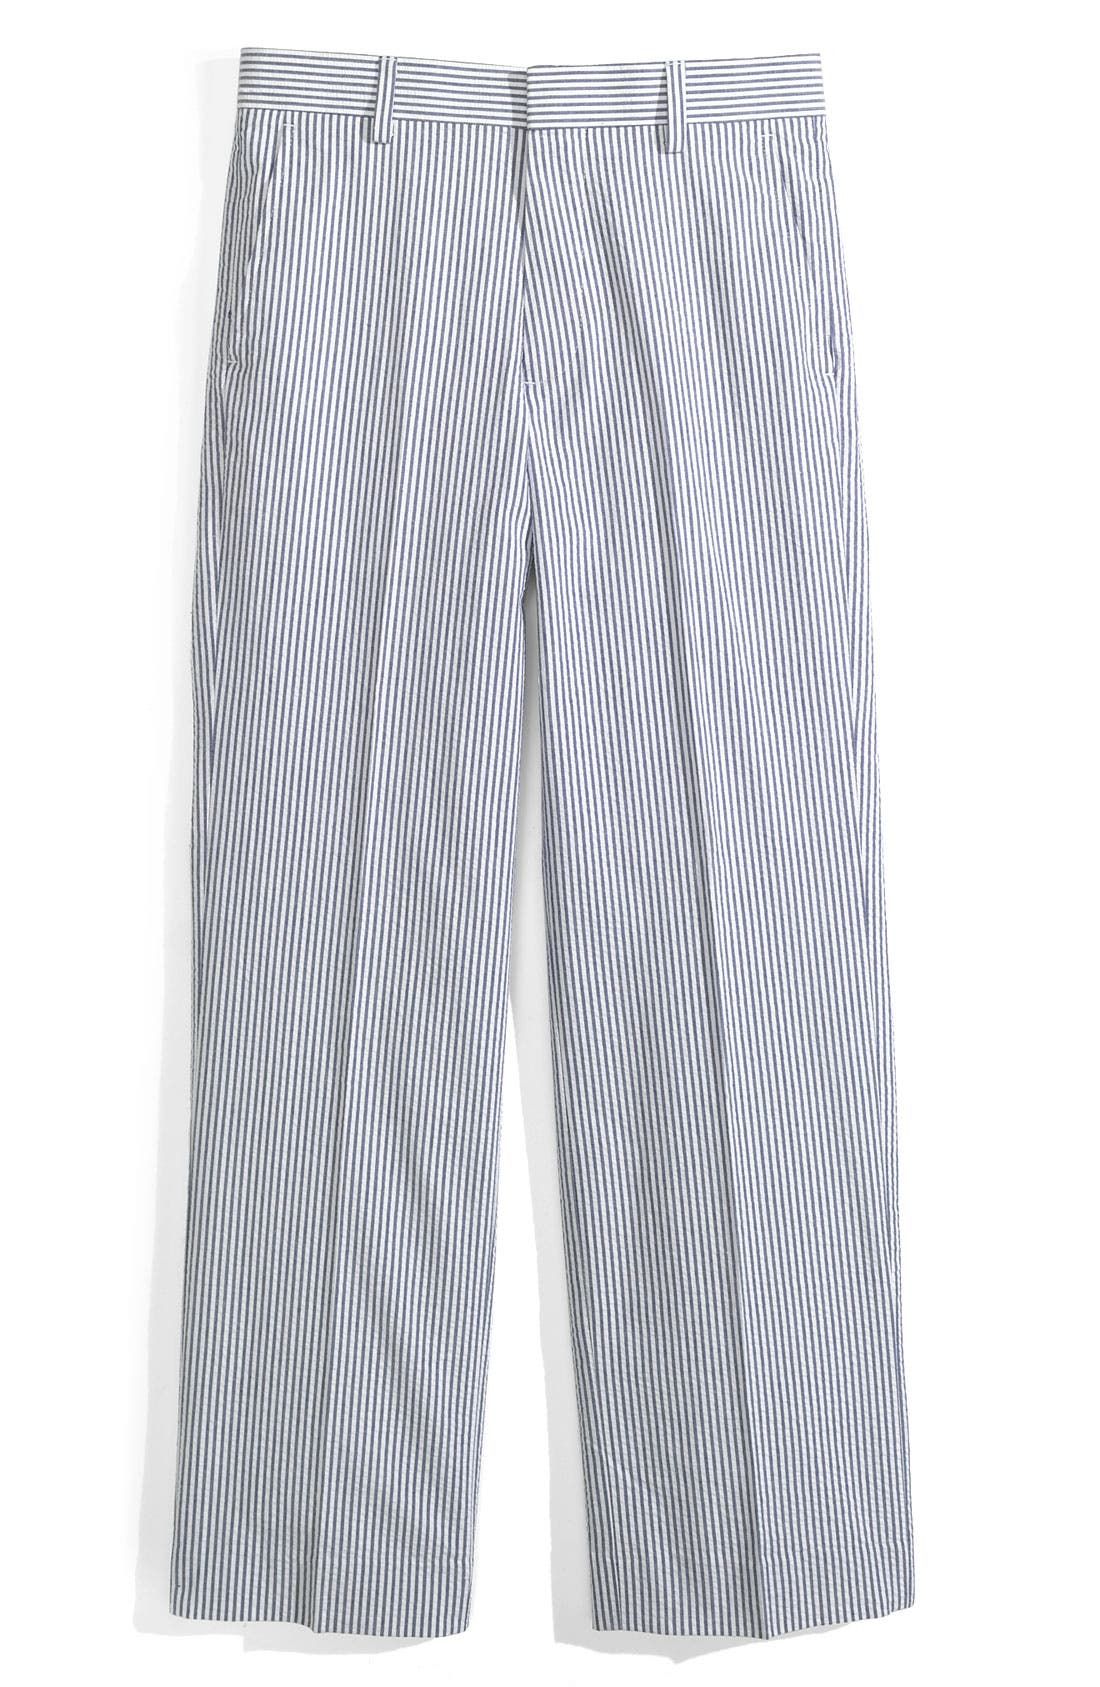 Seersucker Pants,                         Main,                         color, 400